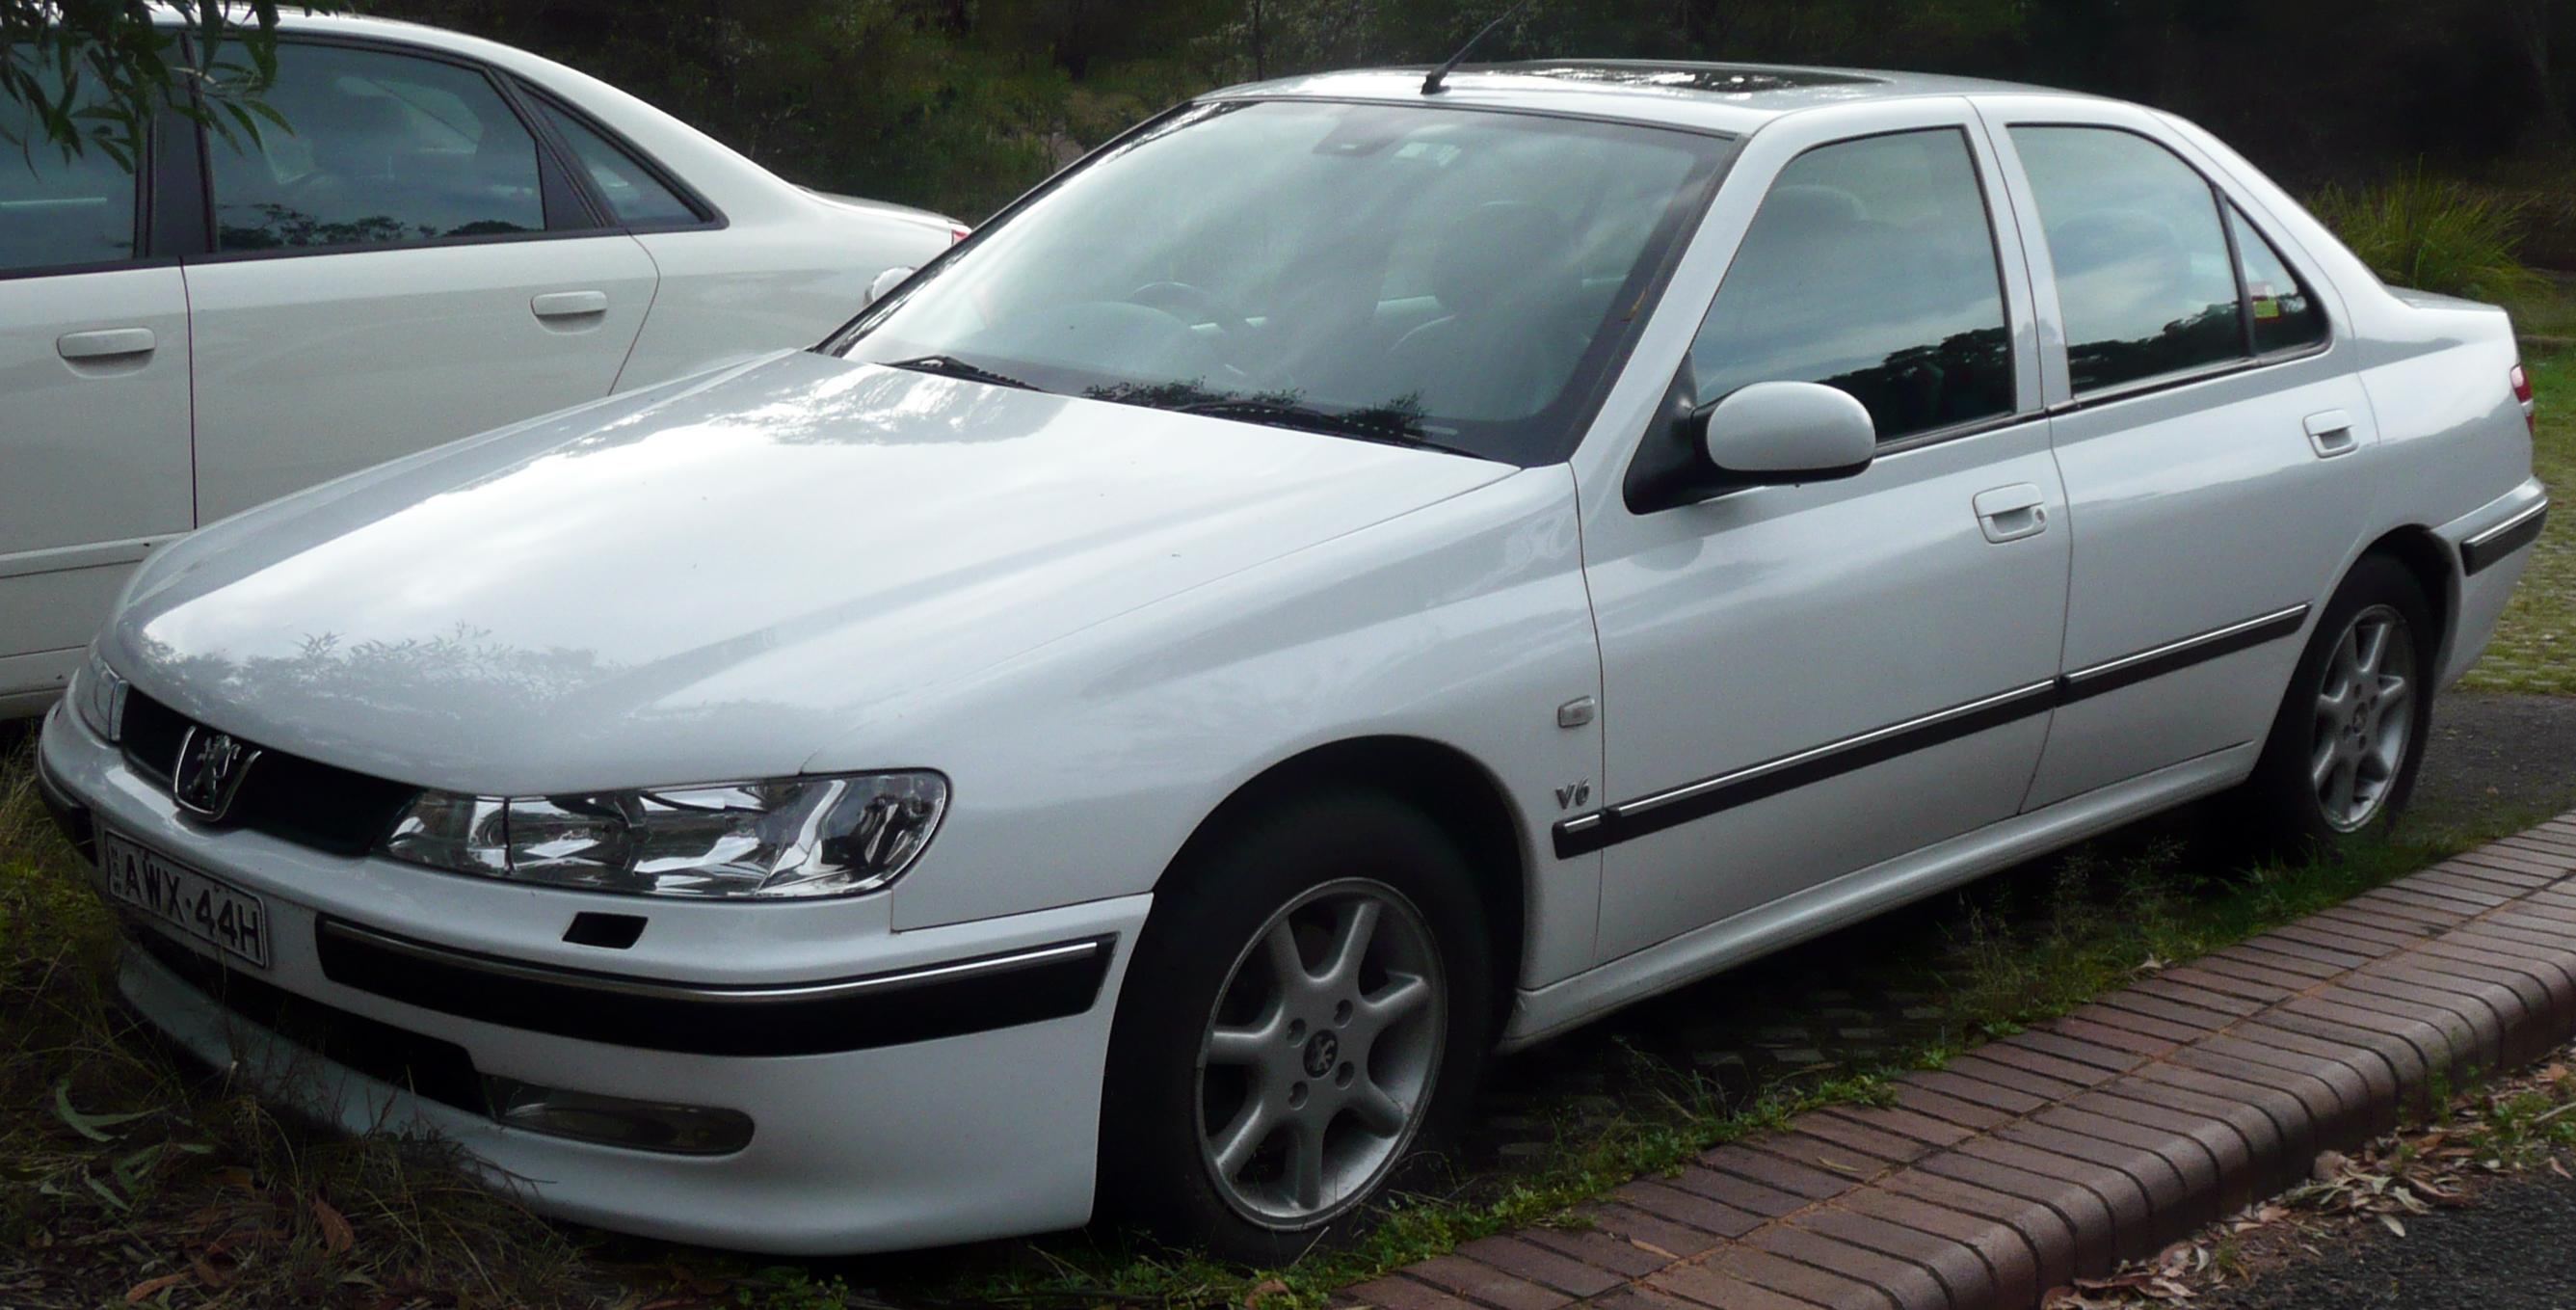 File:1999-2000 Peugeot 406 (D9) SV sedan 01.jpg ...